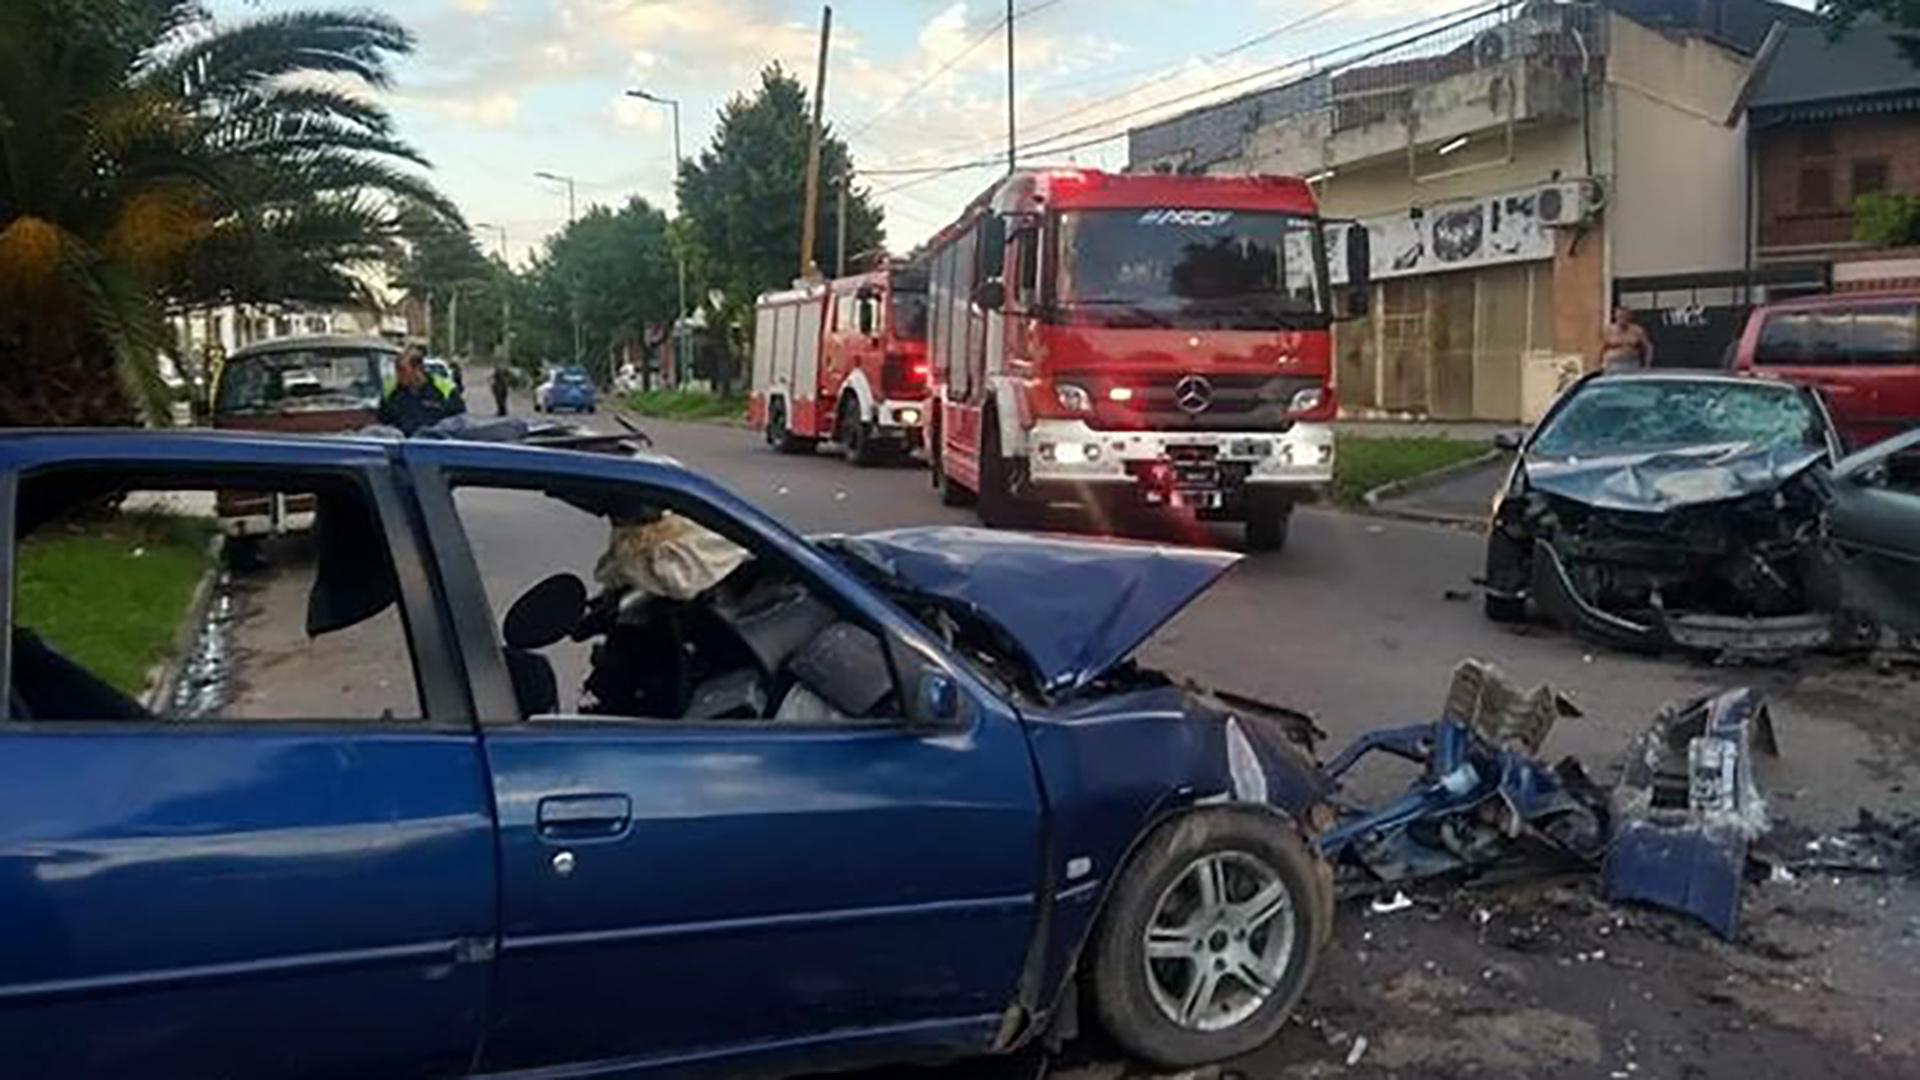 Según los testigo, los vehículos circulaban a alta velocidad.